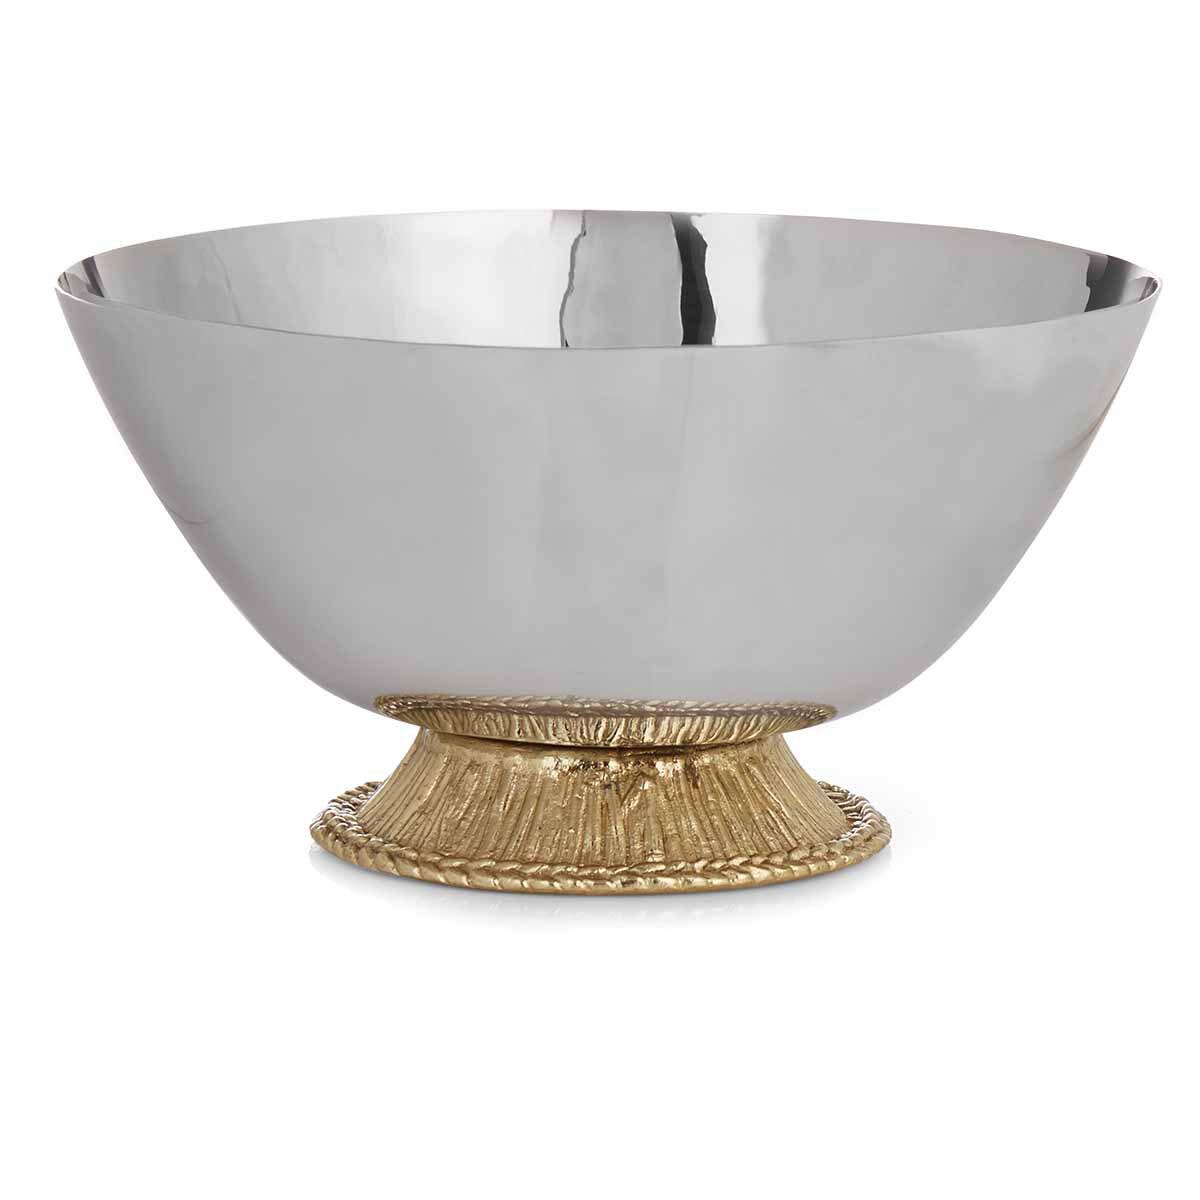 Michael Aram Wheat Bowl, Medium